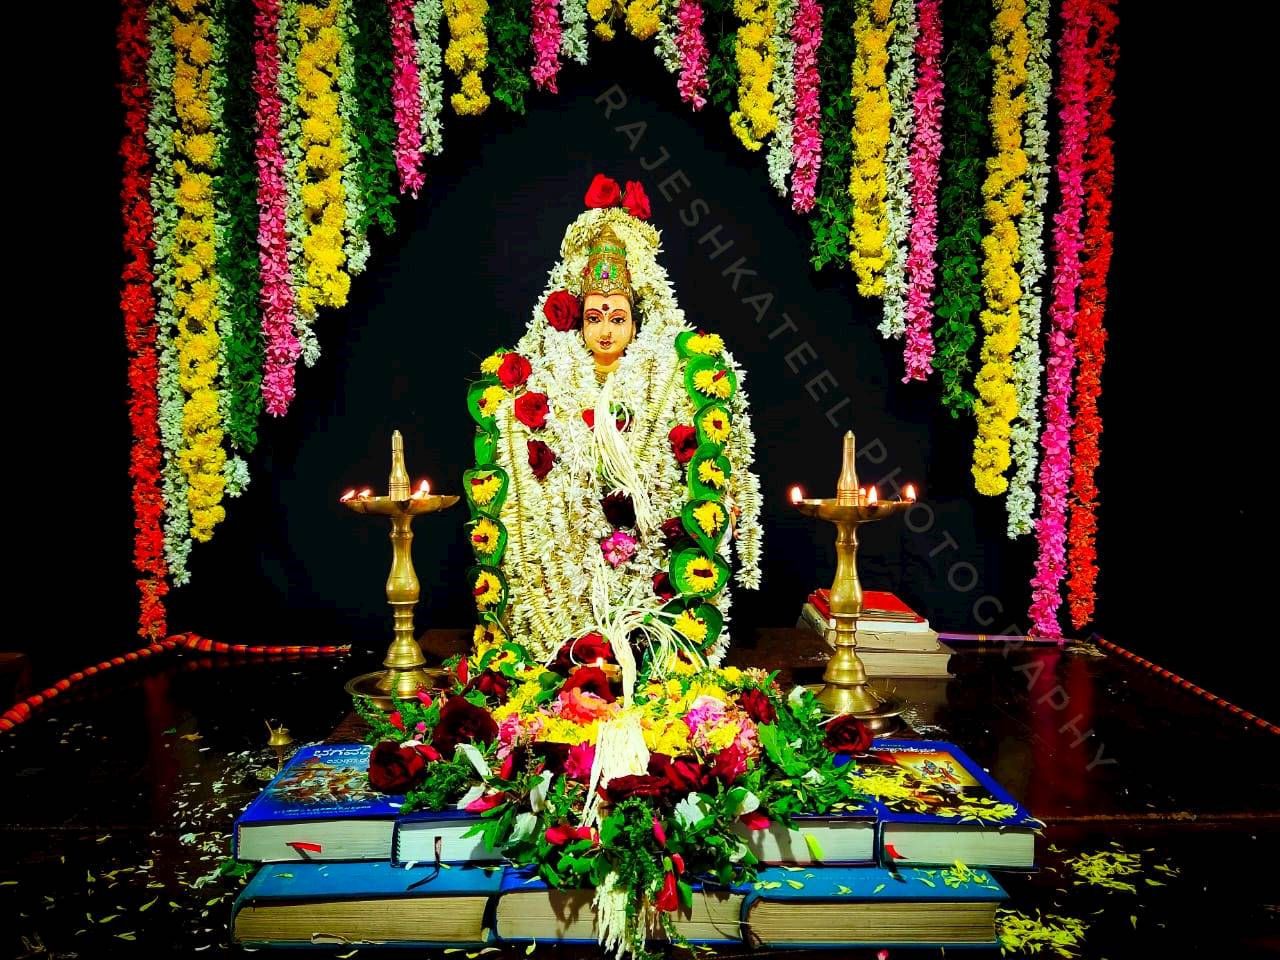 ಹಿರಿಯ ಪ್ರಾಥಮಿಕ ಶಾಲೆ ಶಾರದಾ ಪೂಜೆ